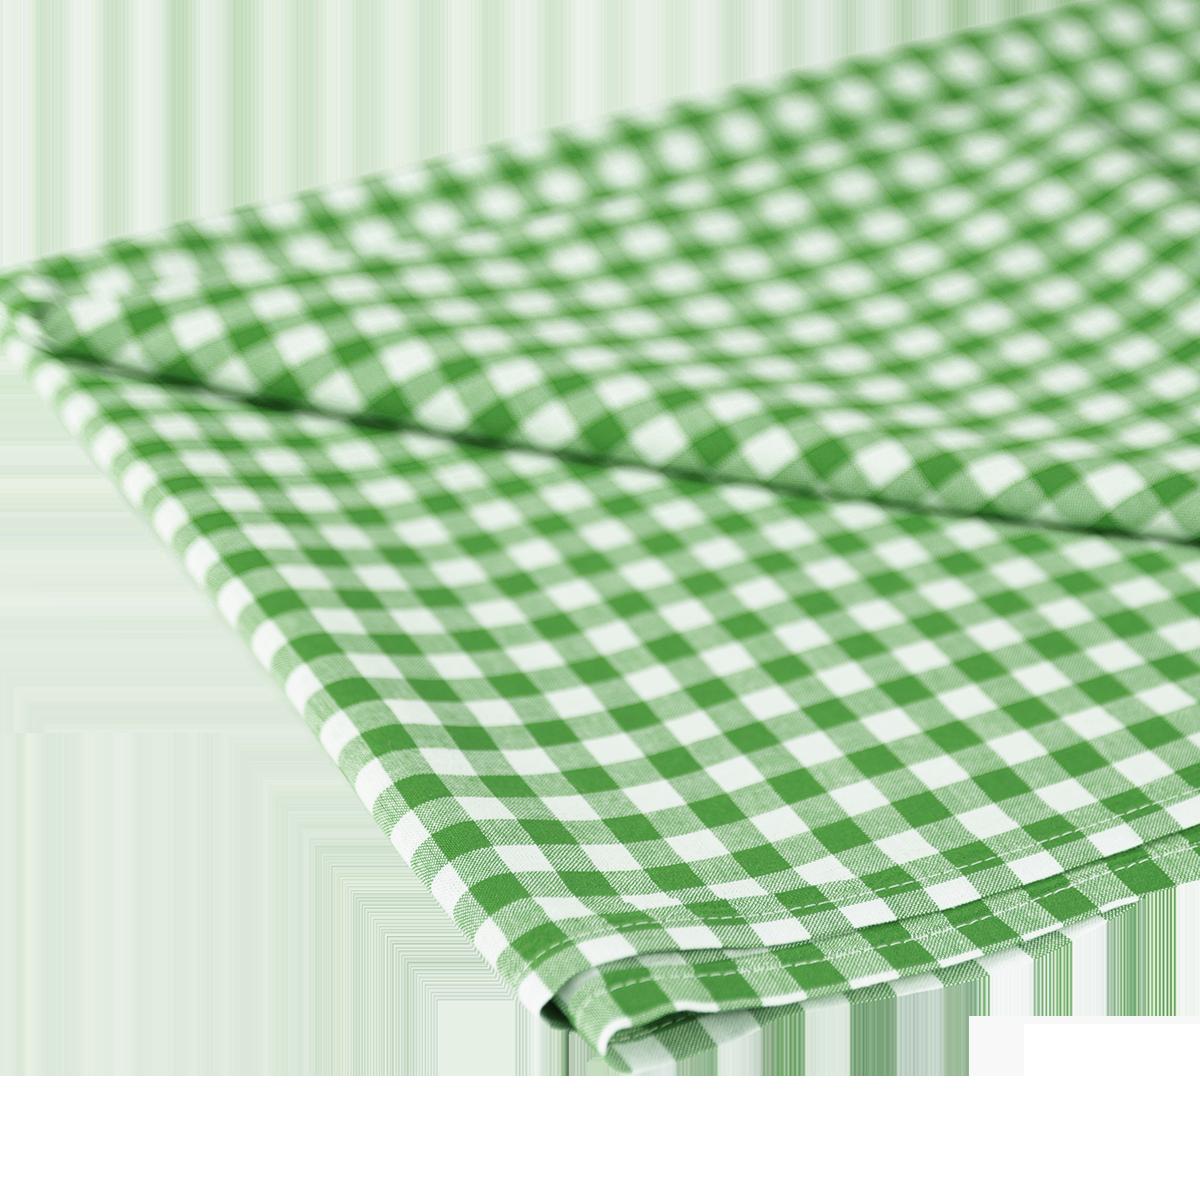 Tischdecke, kariert 1 x 1, grün-weiß, 1.30 m x 2.80 m